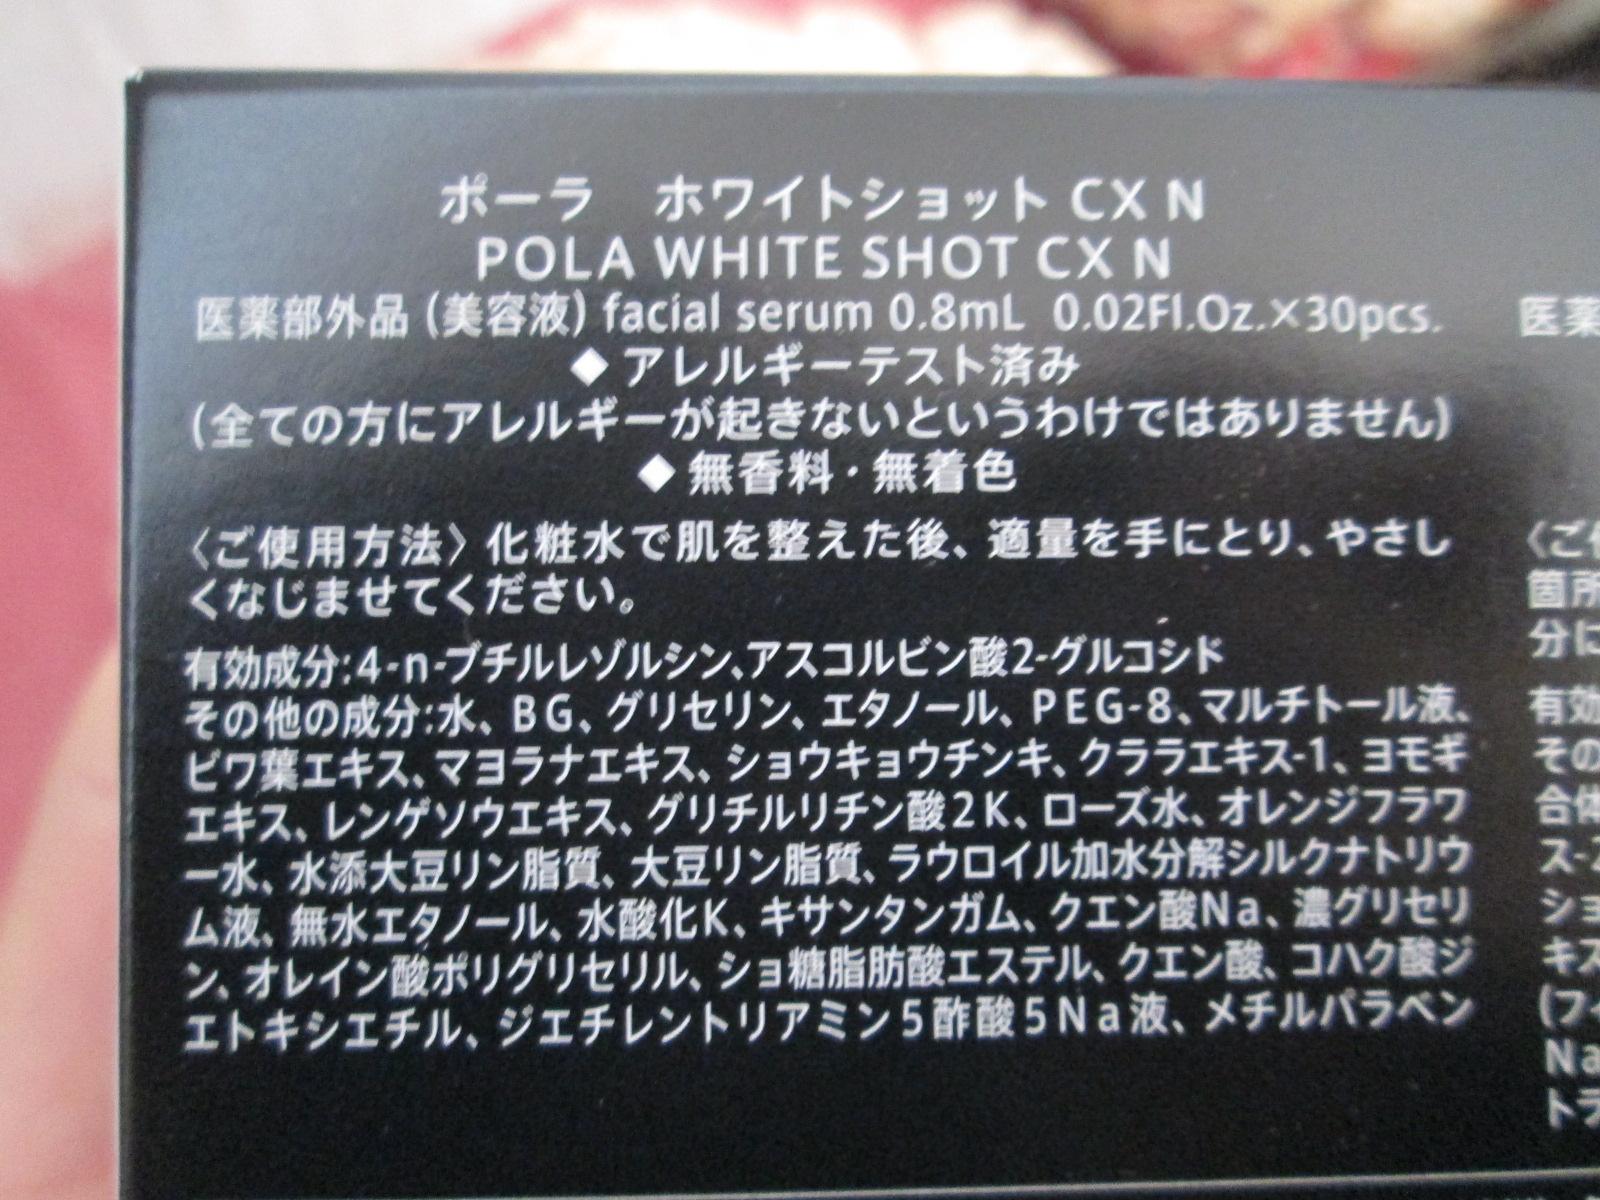 IMG_4864 ポーラホワイトショット (2)CX